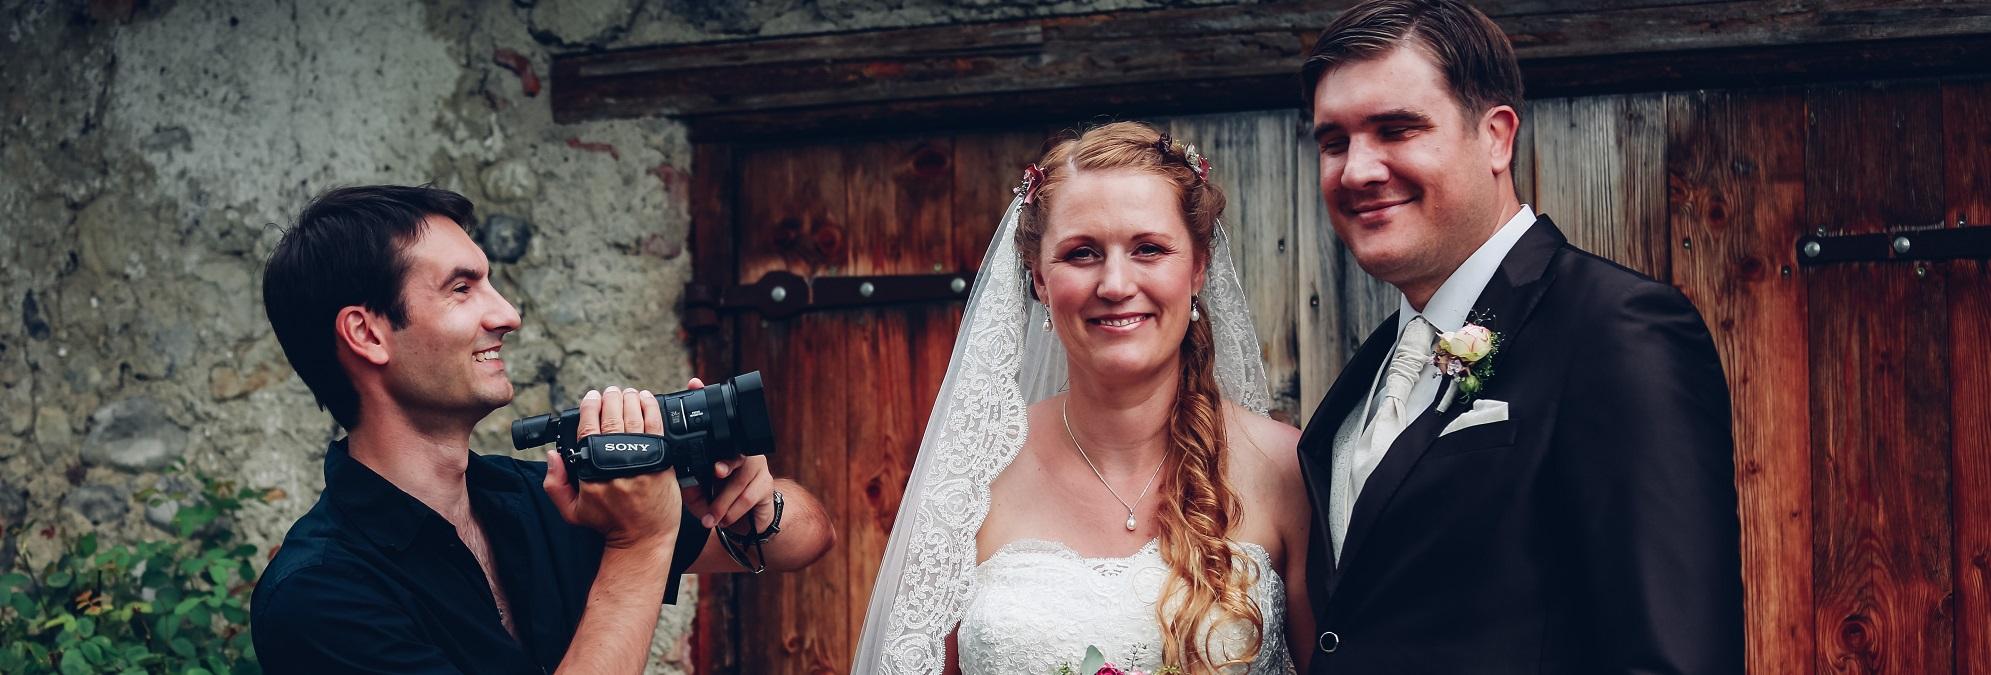 Hochzeitsfilm_Slider_1